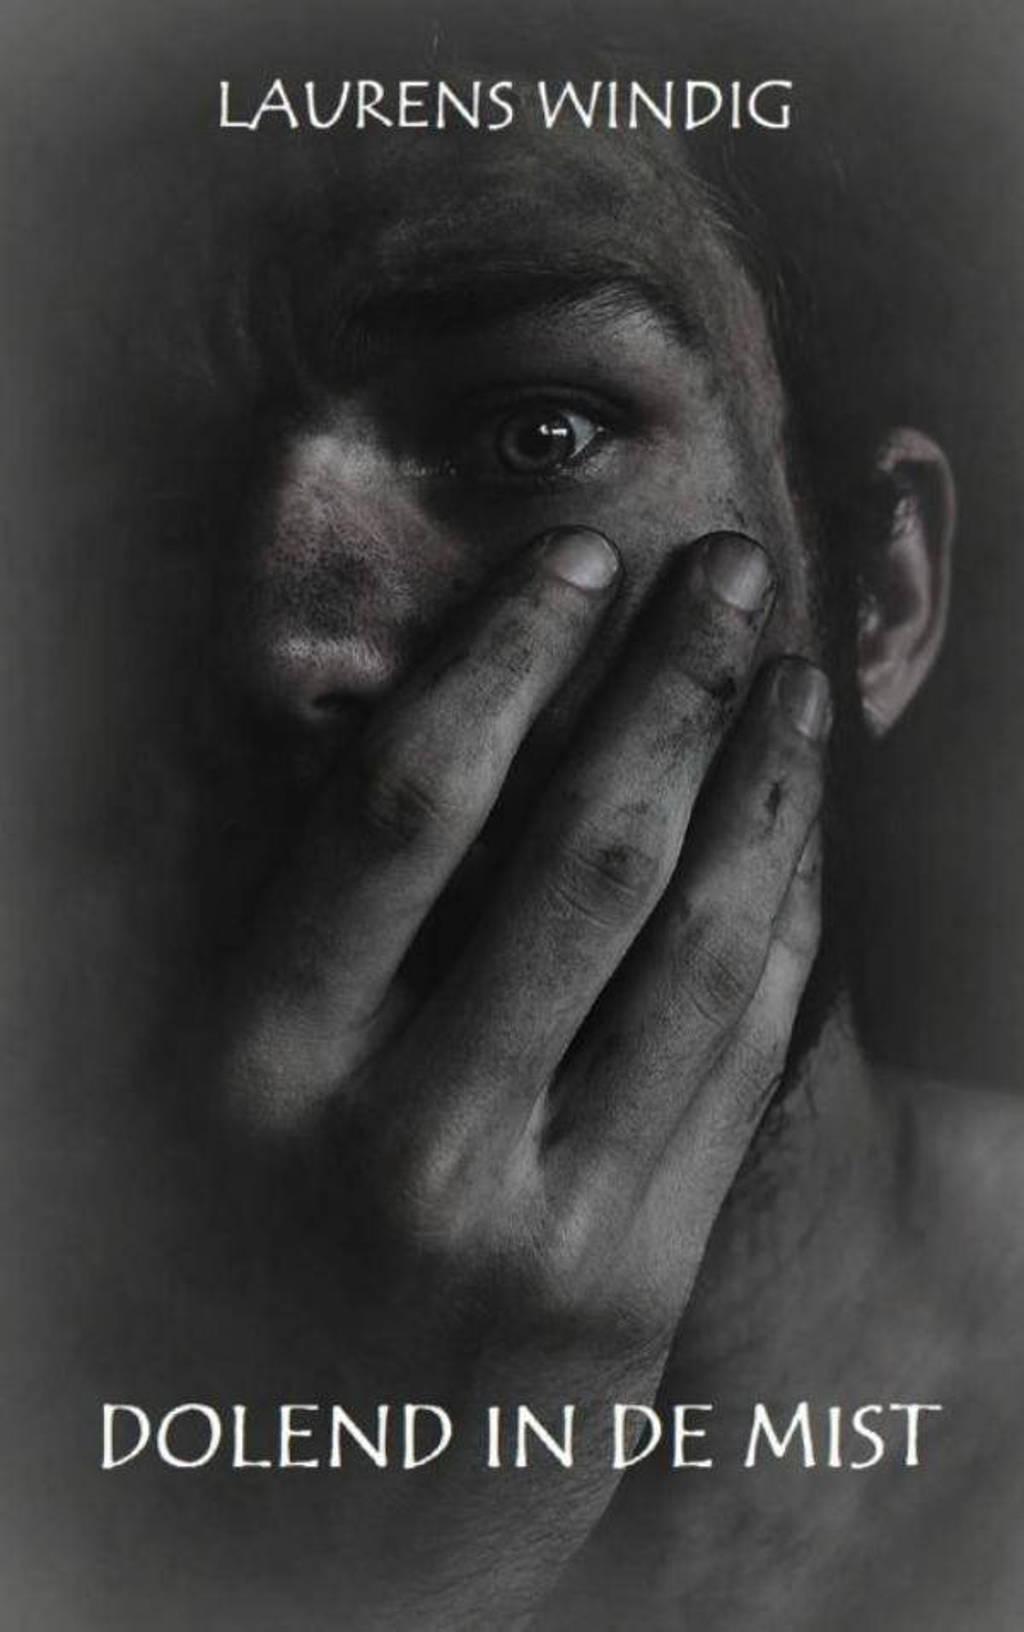 Dolend in de mist - Laurens Windig